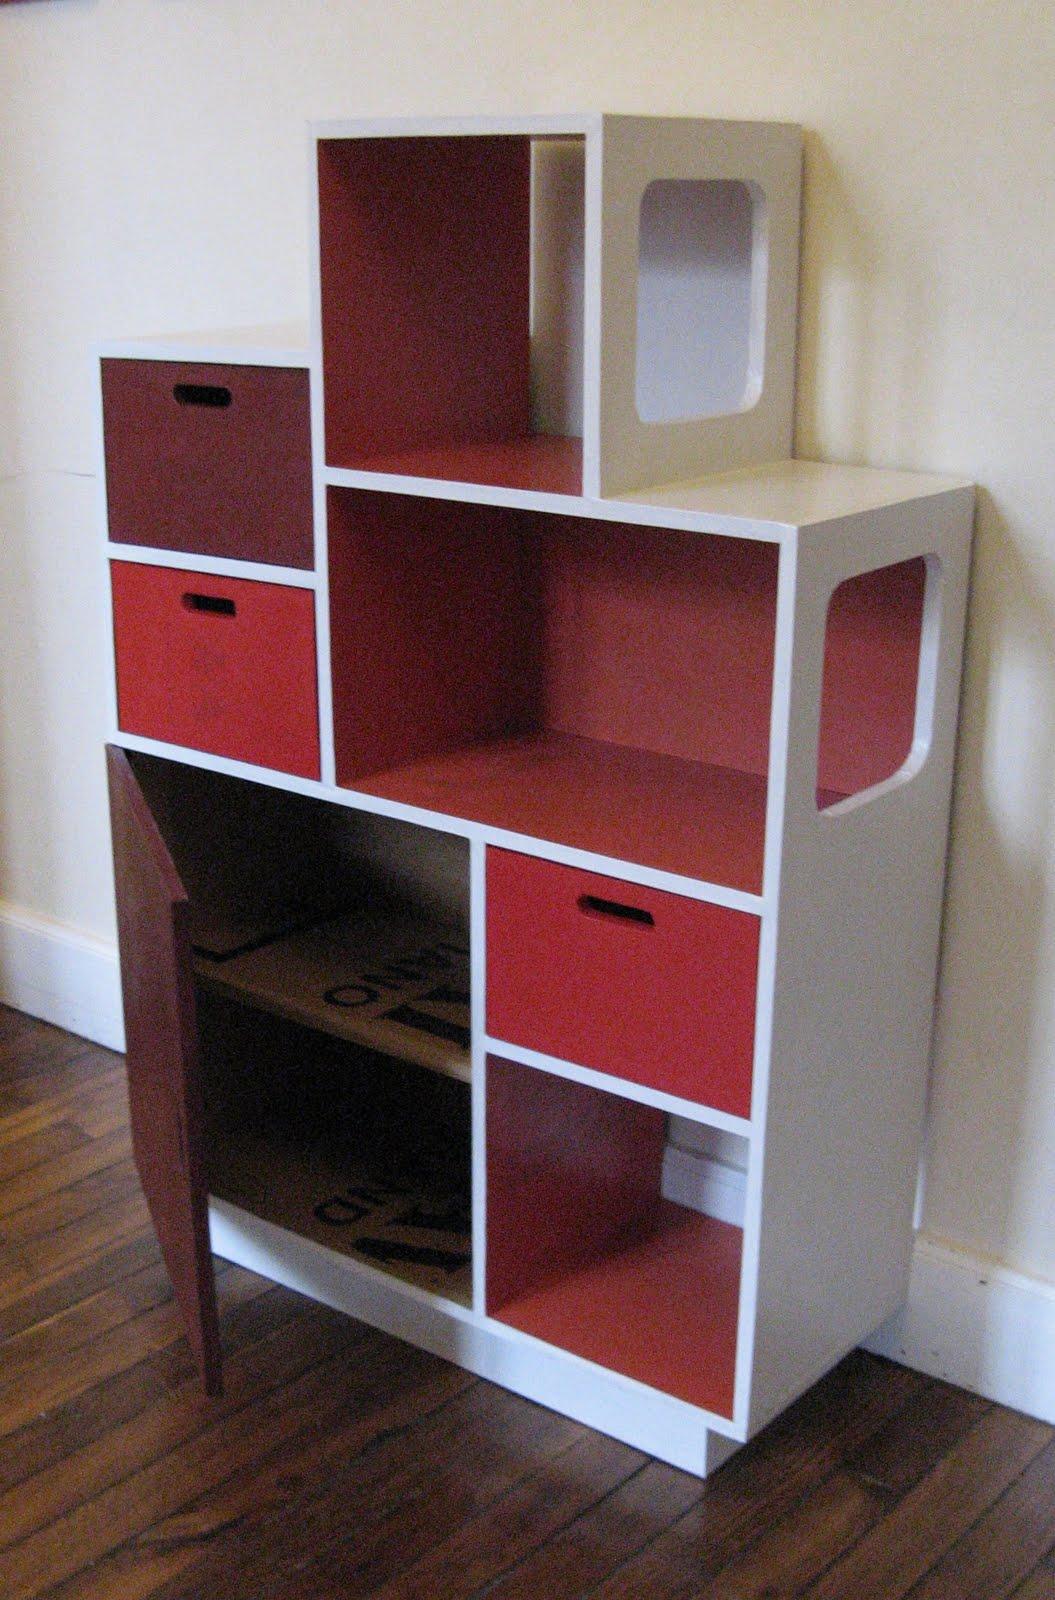 Plus de 1000 id es propos de meubles en carton sur for Meuble en carton